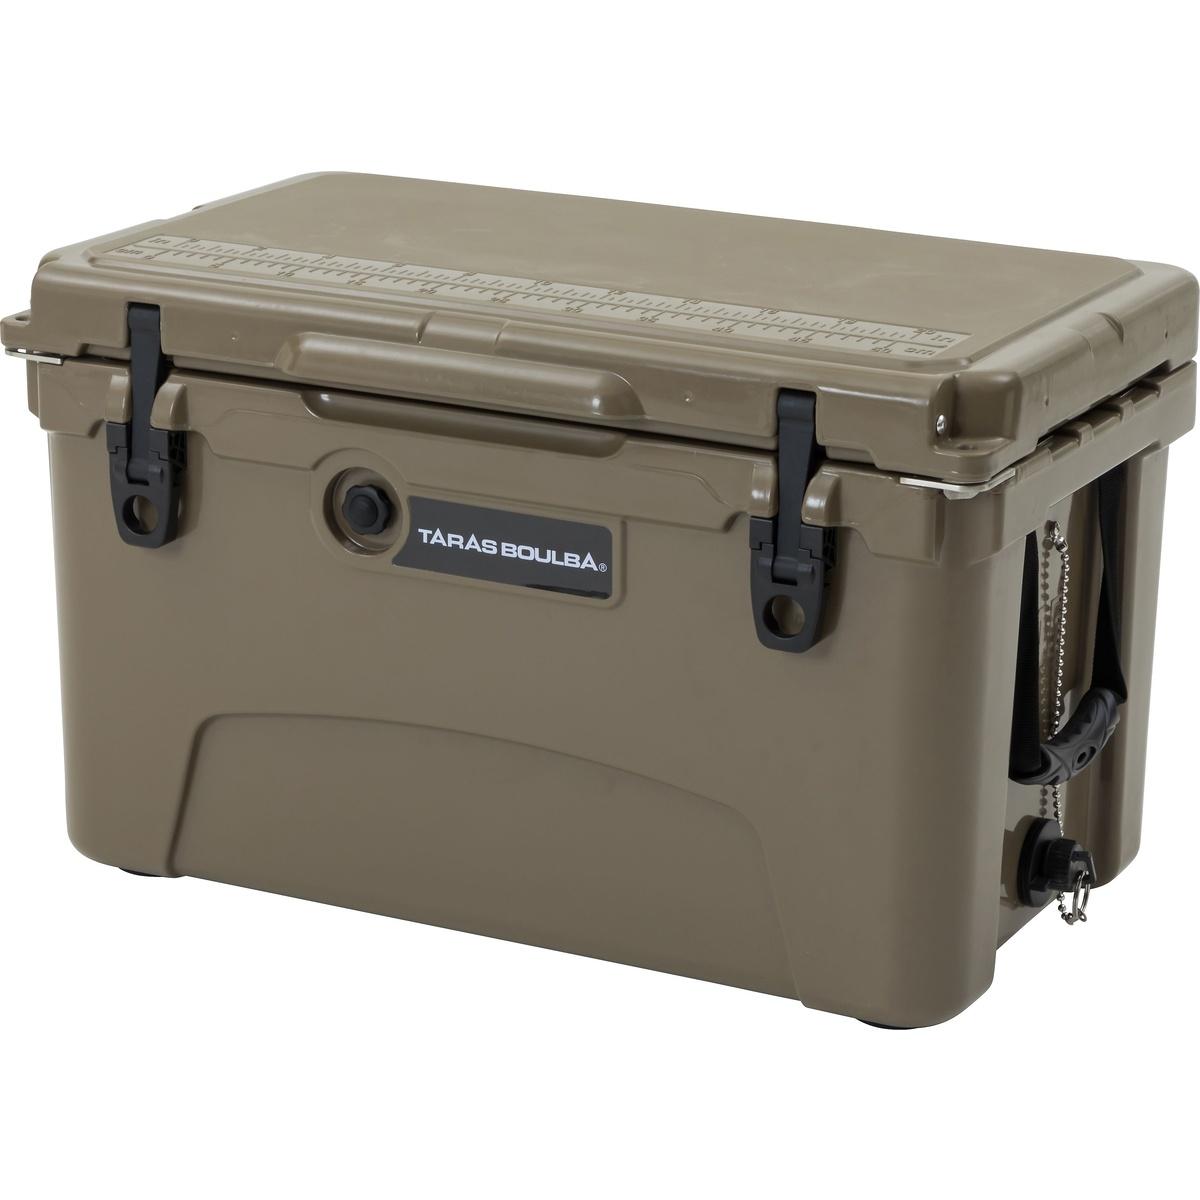 【送料無料】 TARAS BOULBA(タラスブルバ) キャンプ用品 ハードクーラー30L以上 TBクーラーBOX 42L カーキ TB-S19-015-037